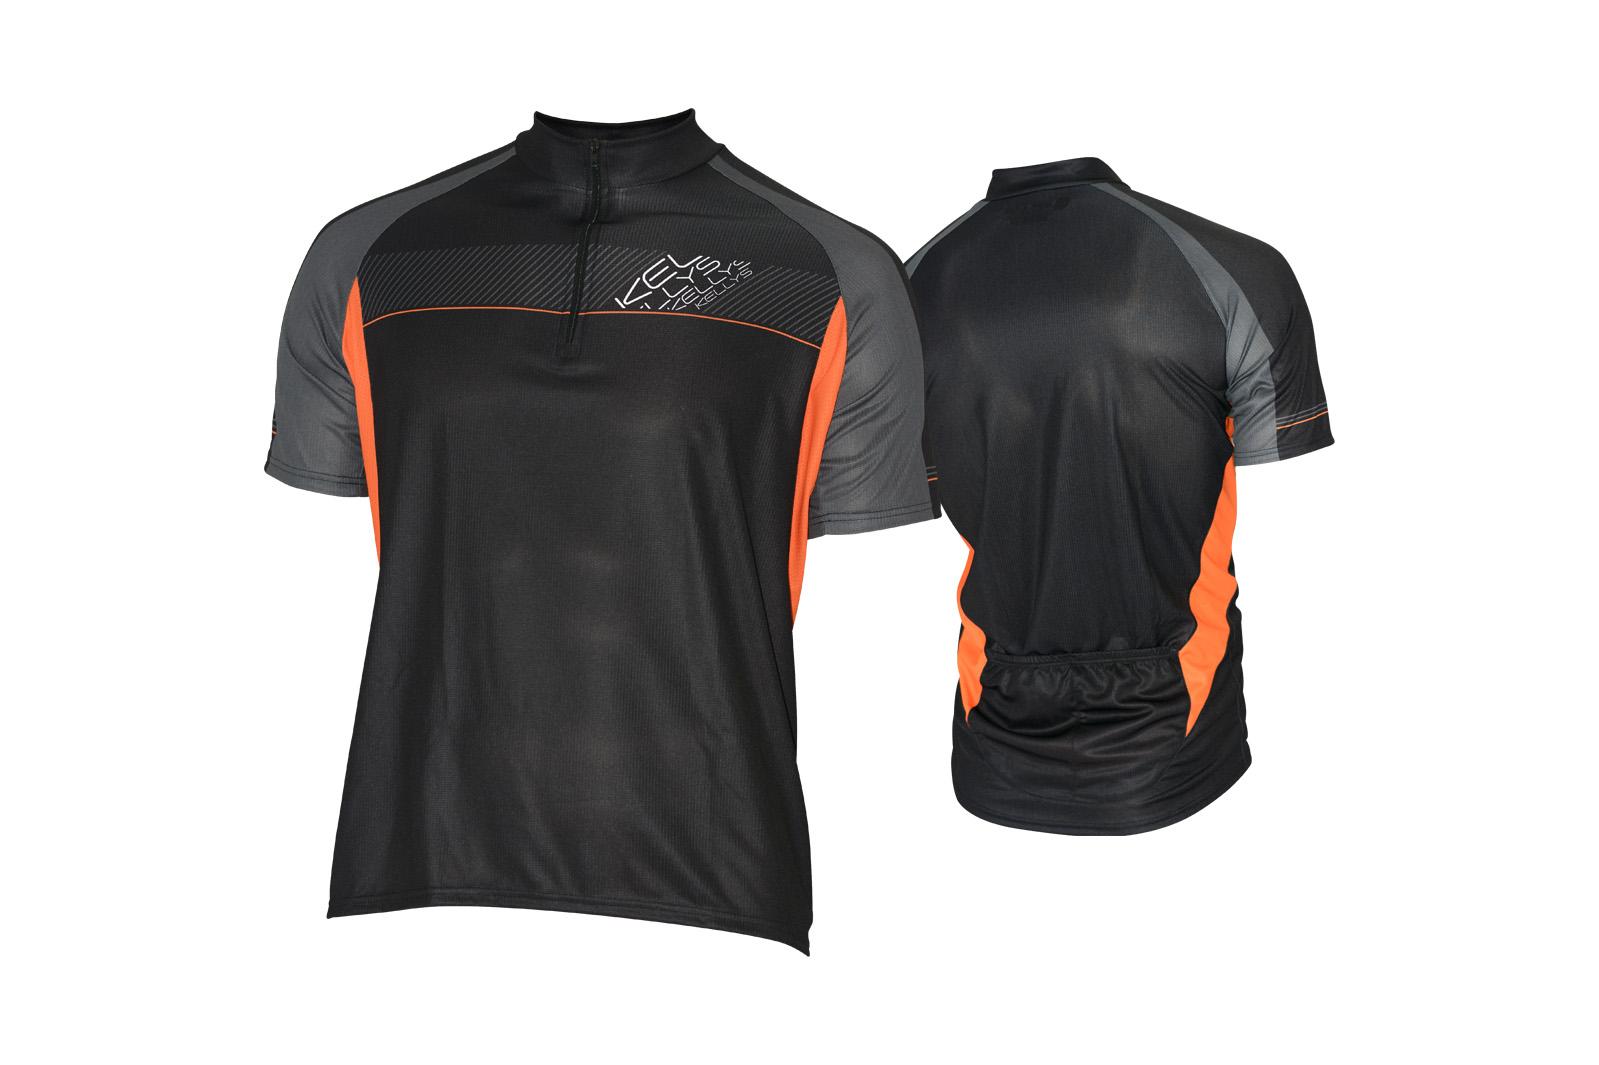 Pánský dres KELLYS PRO Sport, vel. L, černo-oranžová, krátký rukáv (Pánský cyklistický dres KELLYS, vel. L, krátký rukáv, barva černá/oranžová dle vyobrazení!)